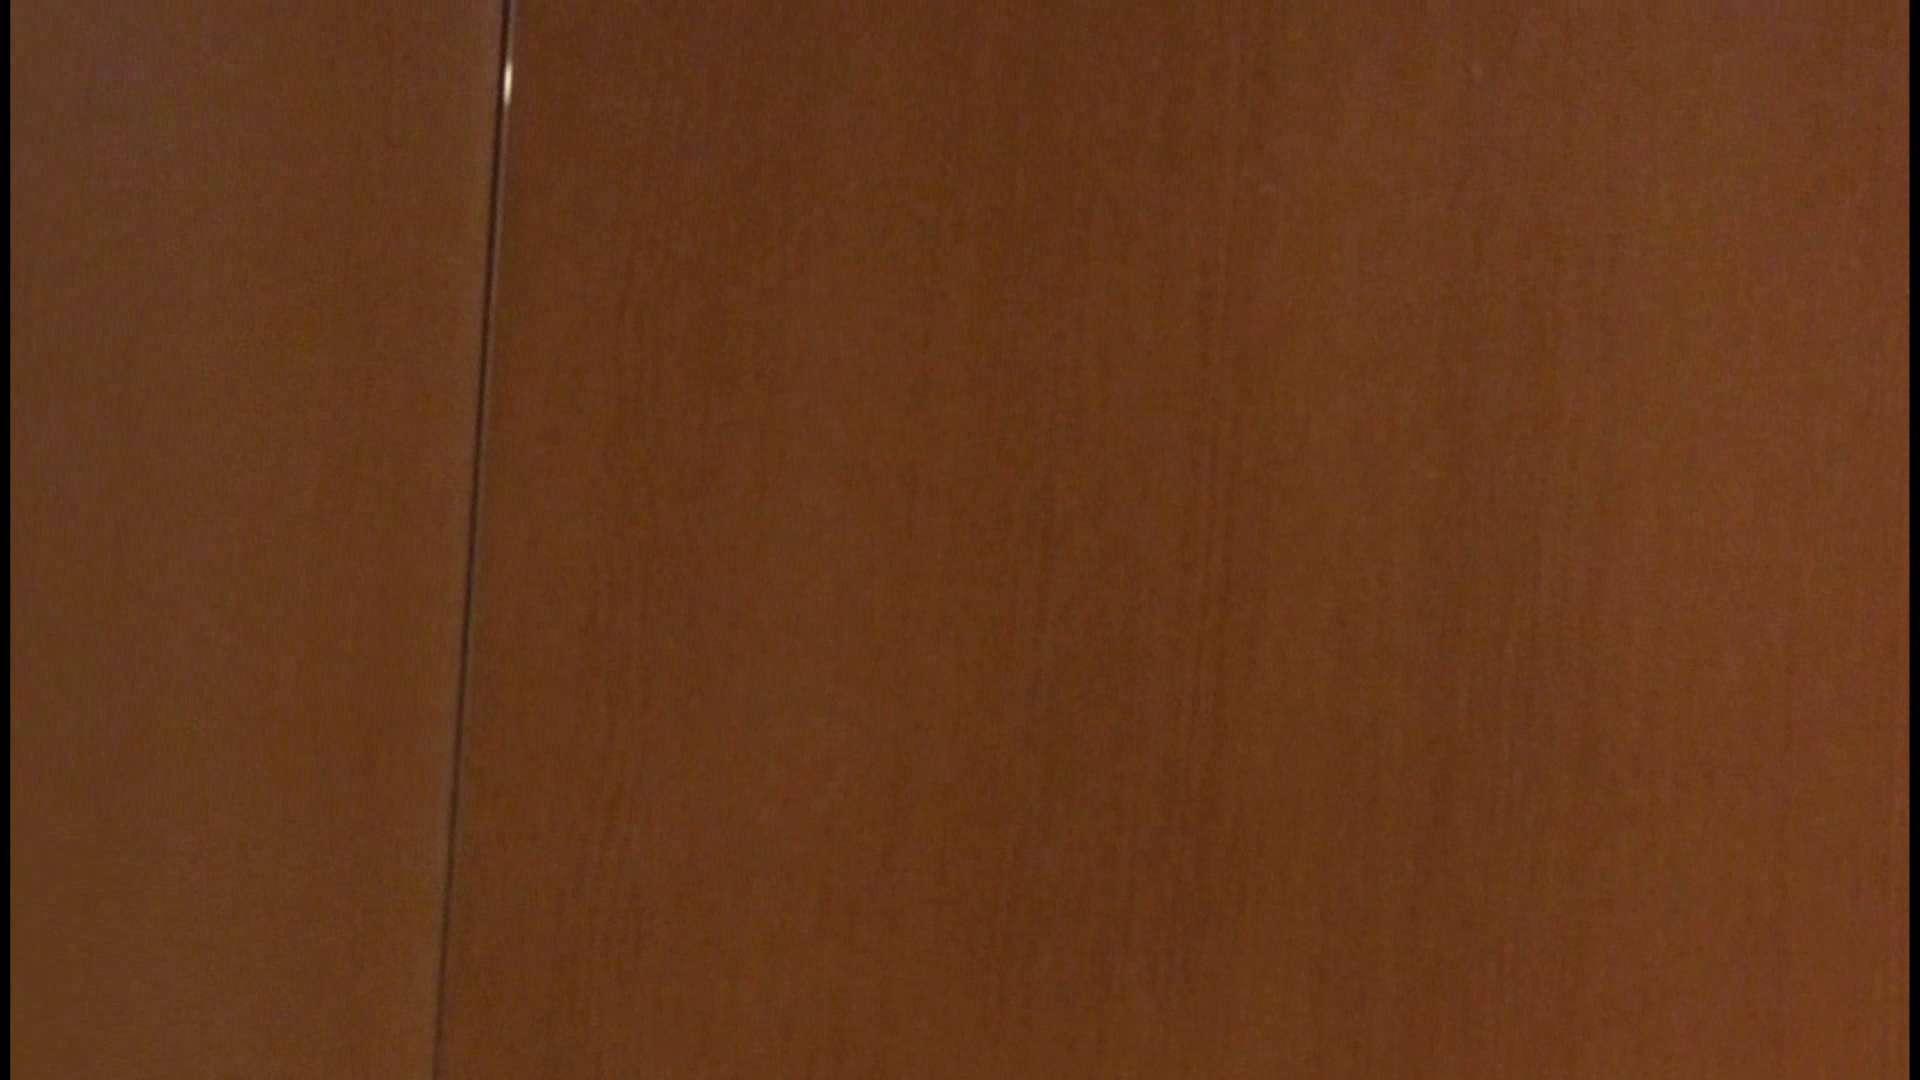 「噂」の国の厠観察日記2 Vol.08 厠   人気シリーズ  80連発 70